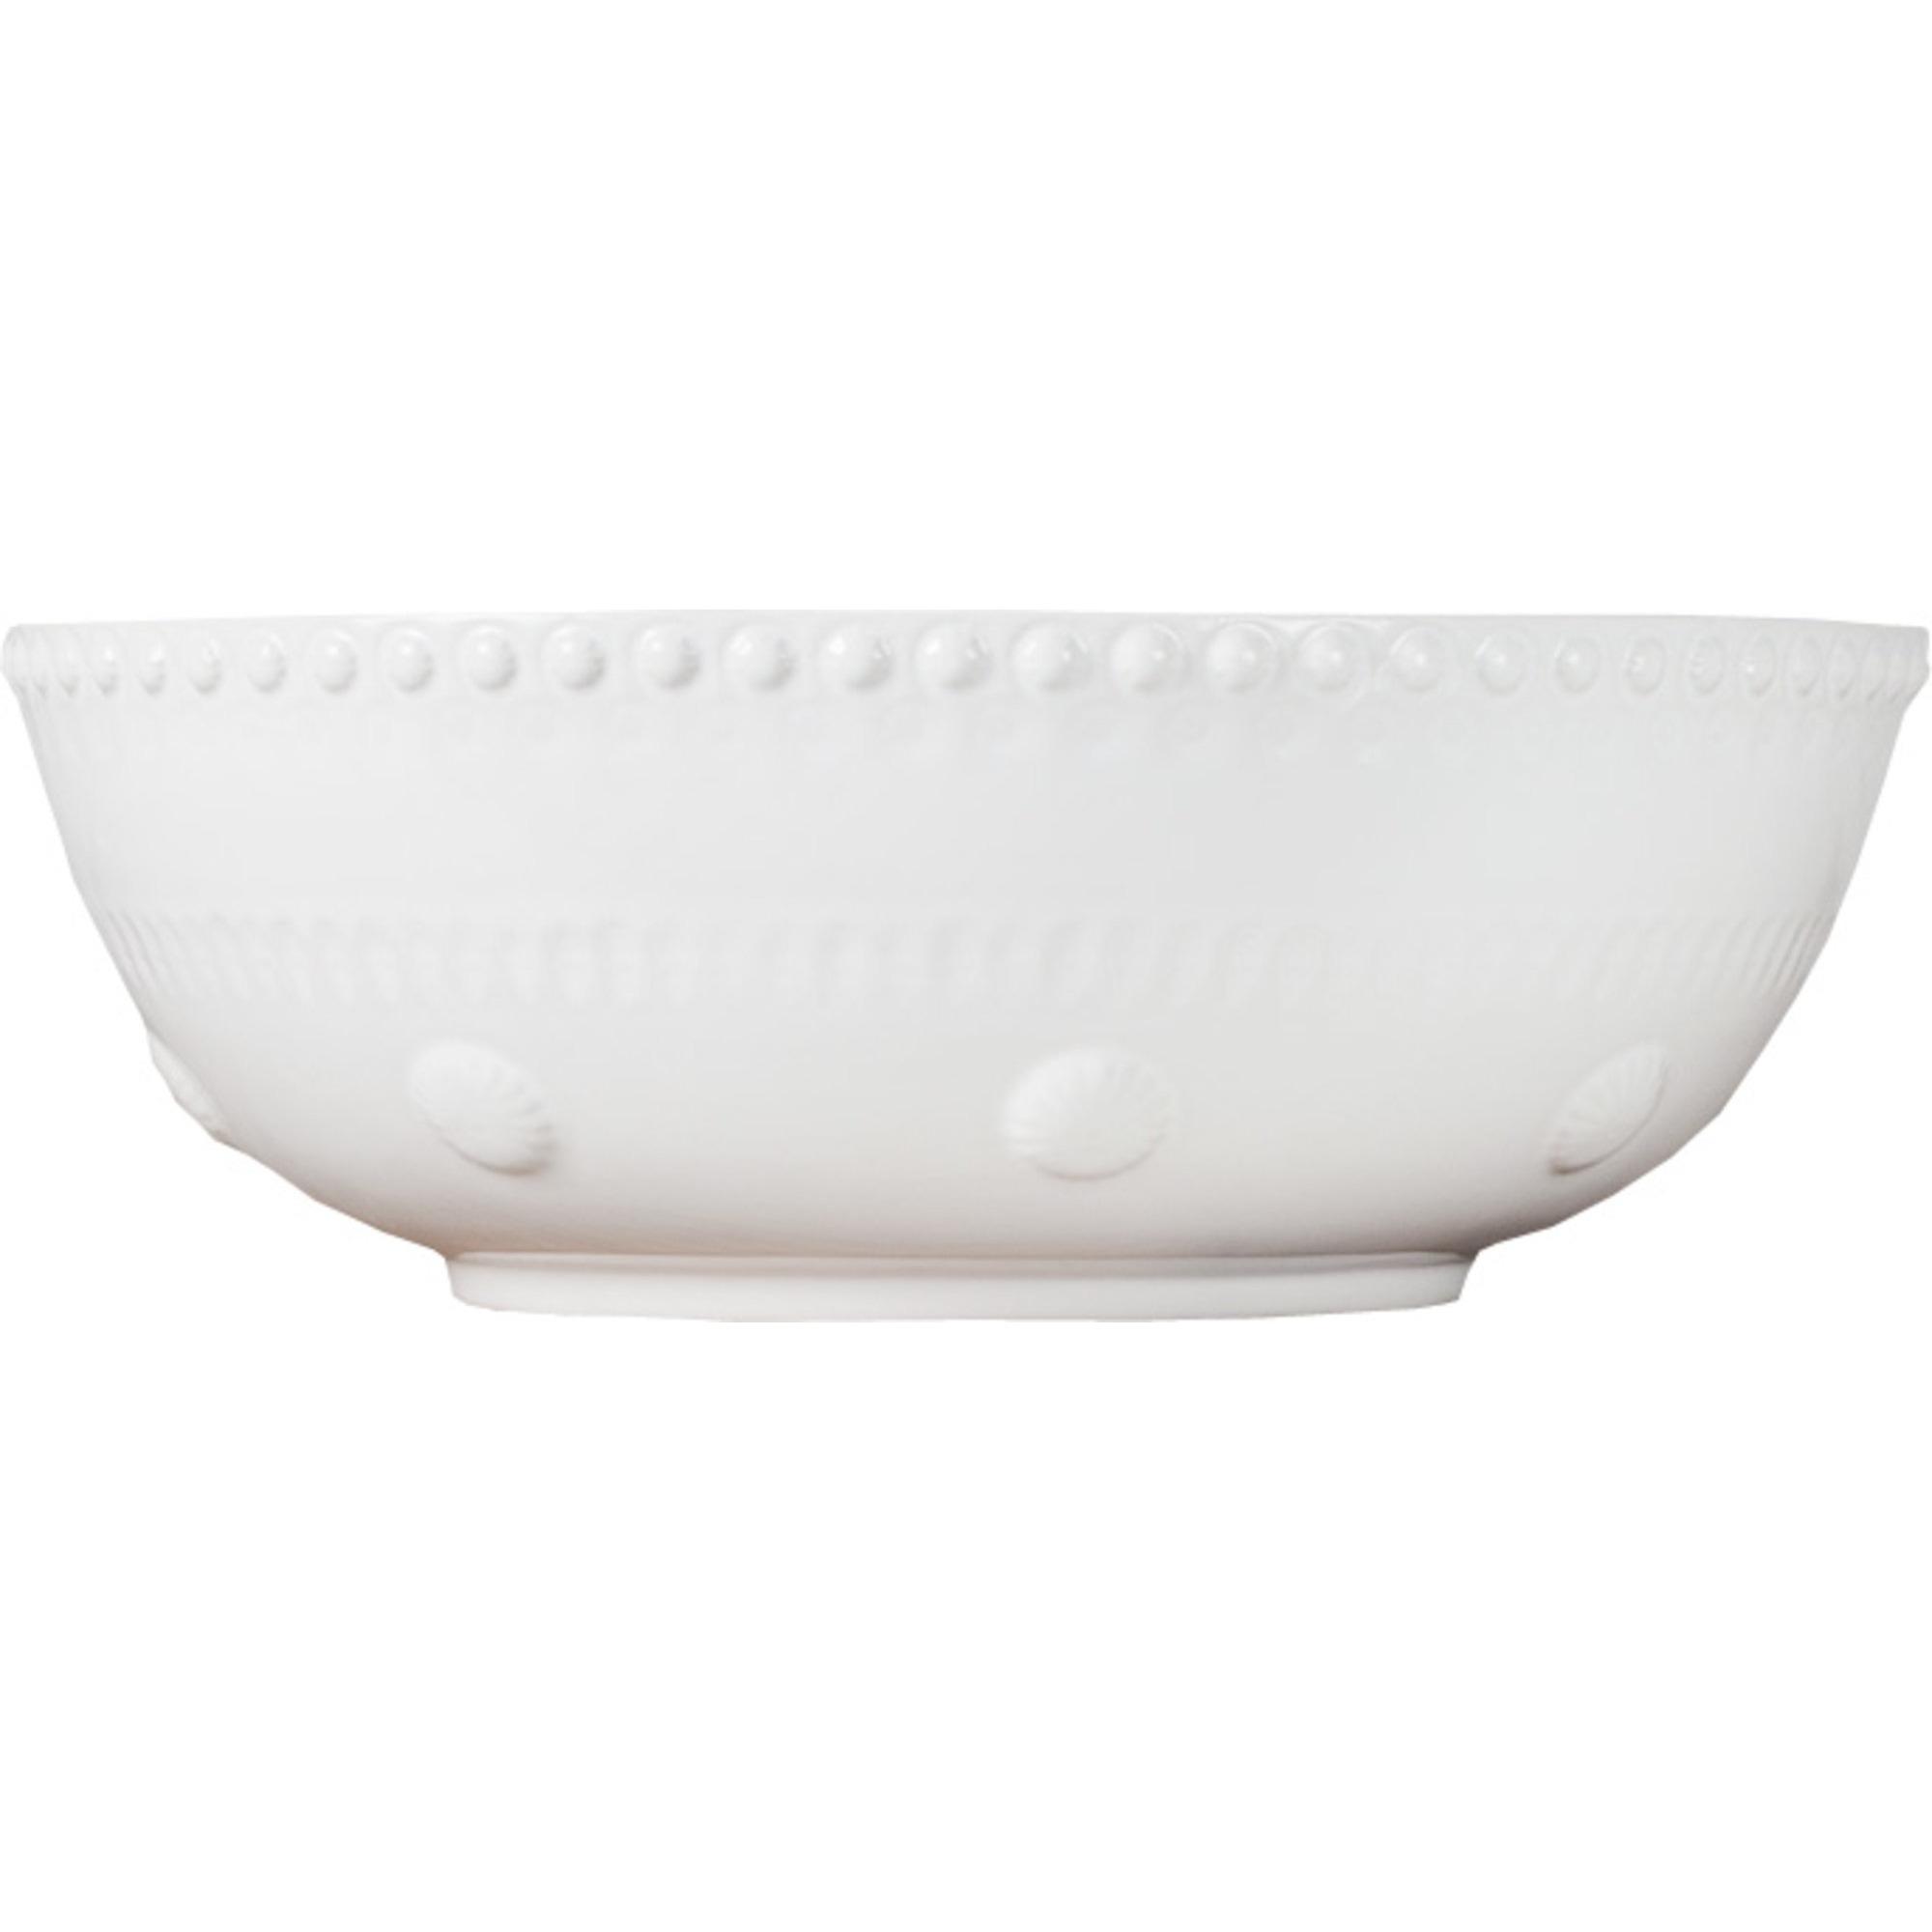 PotteryJo Daisy Salladsskål 30 cm White